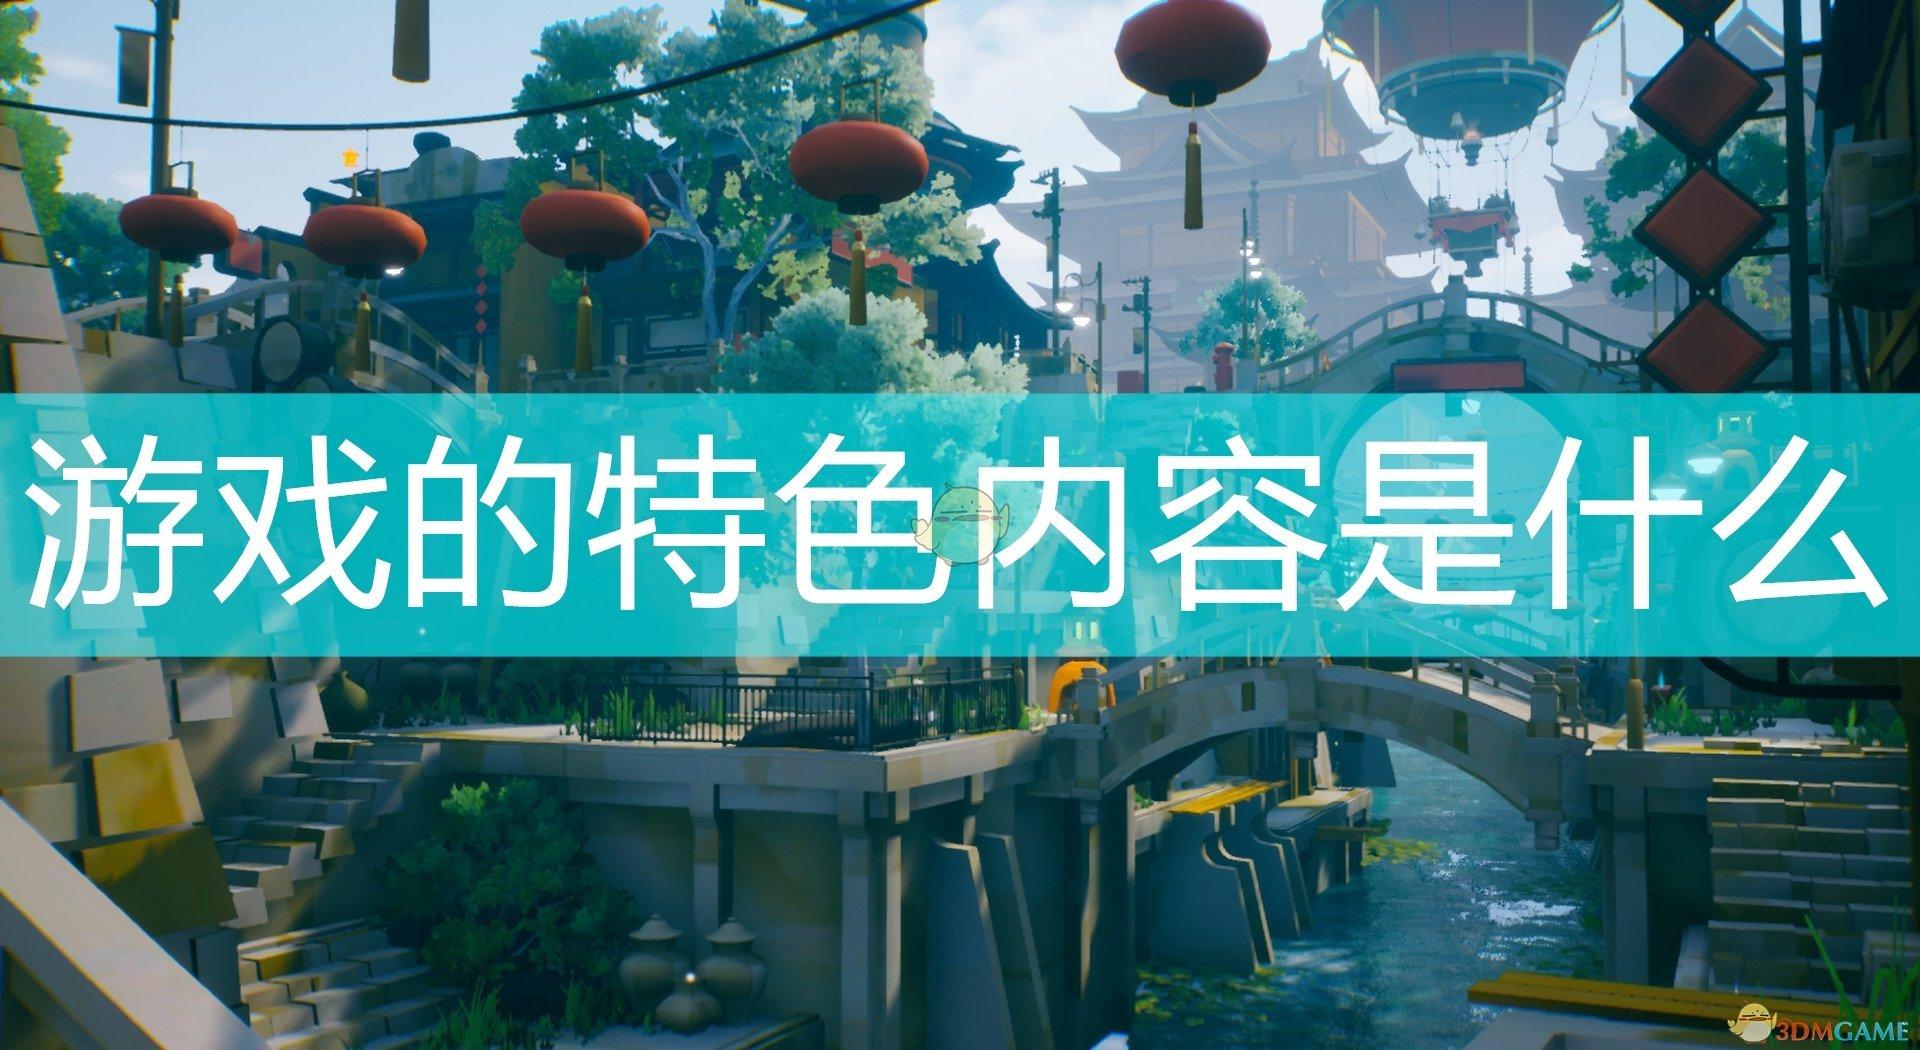 《黄昏沉眠街》游戏特色内容介绍